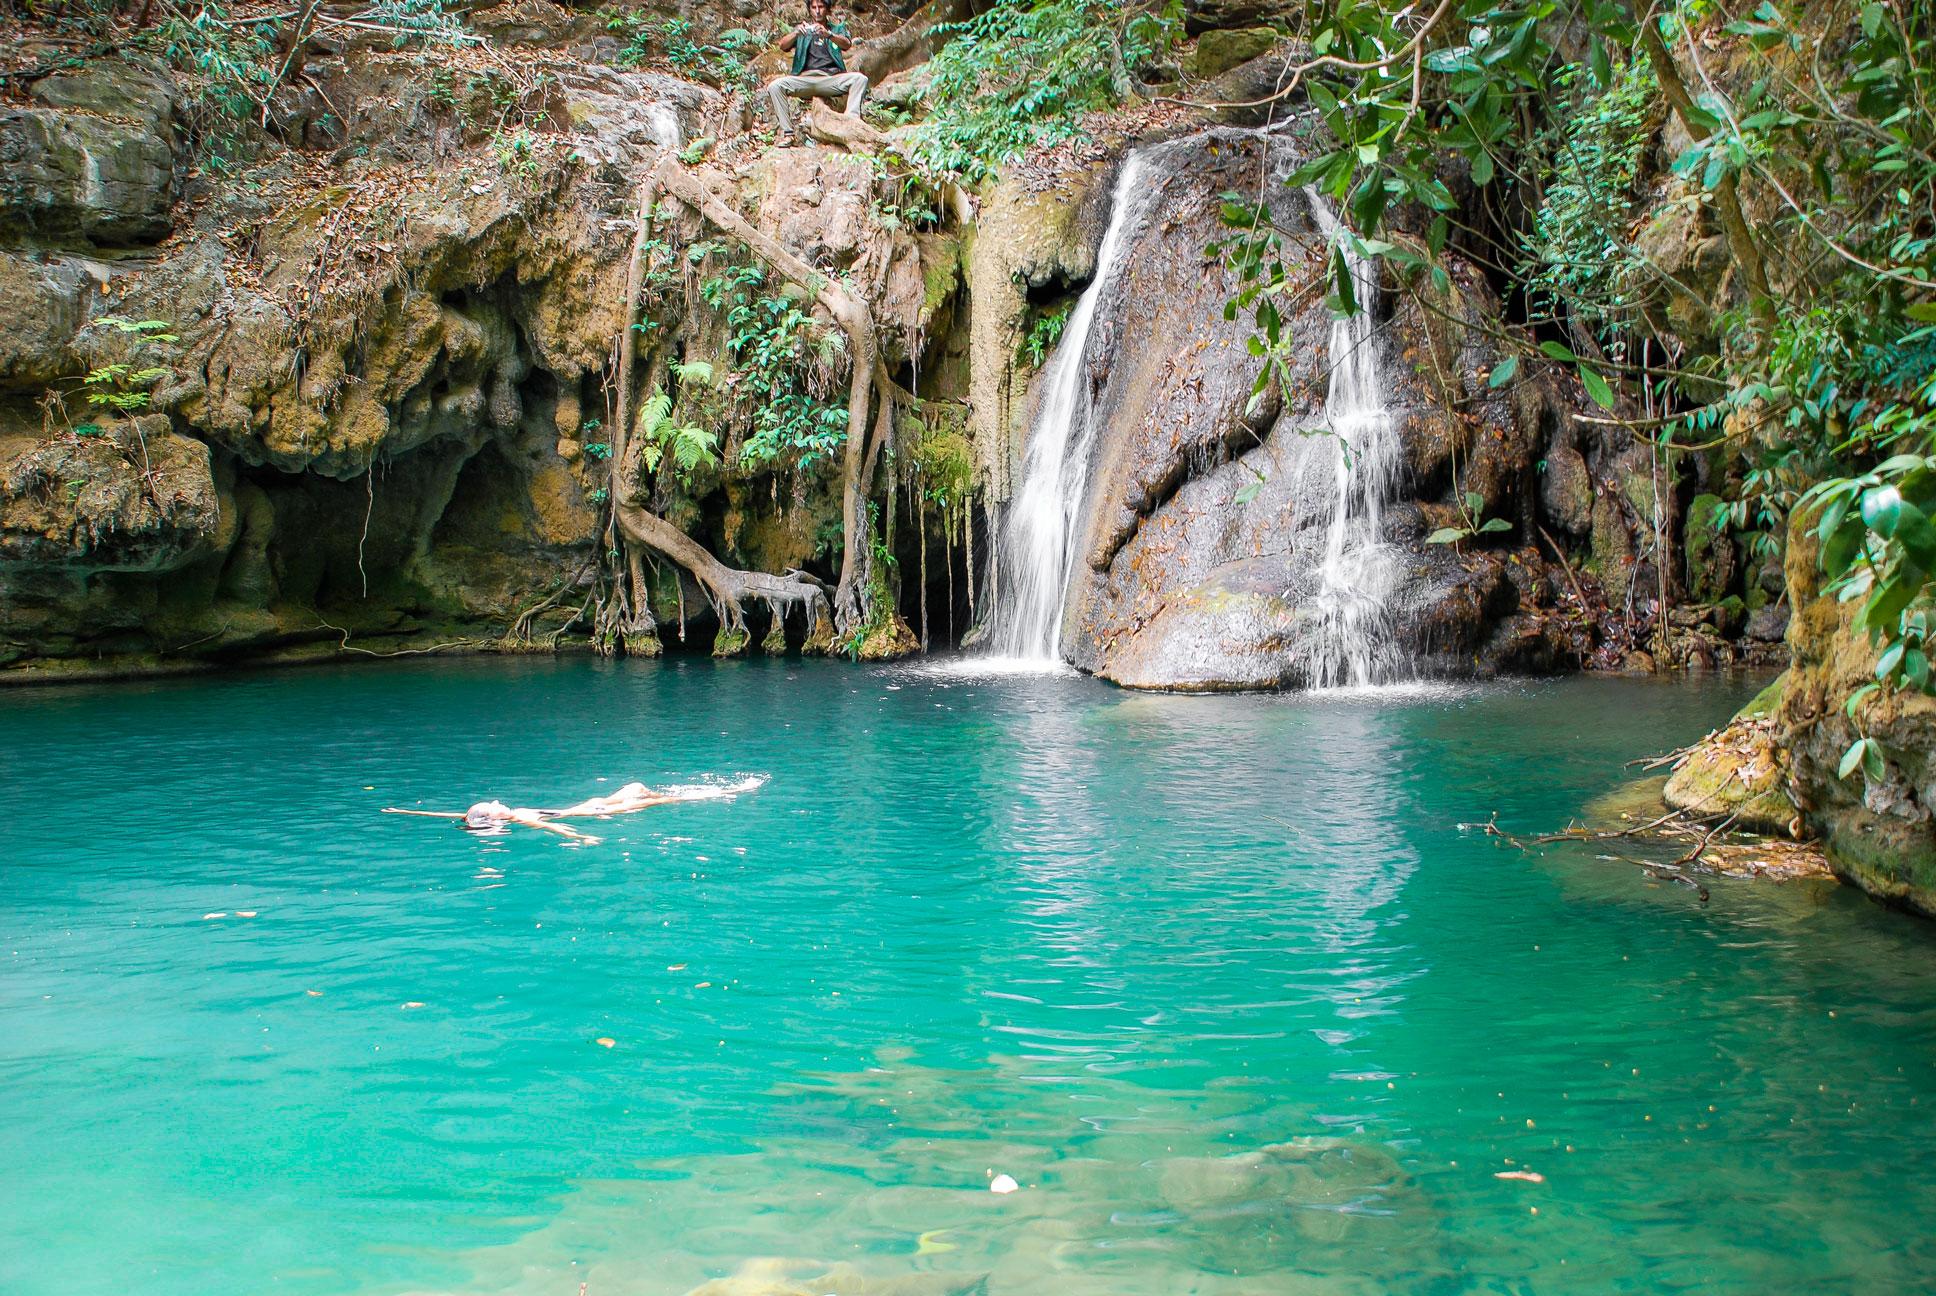 As cachoeiras mais bonitas de Goiás de acordo com os leitores do Curta Mais  - Curta Mais